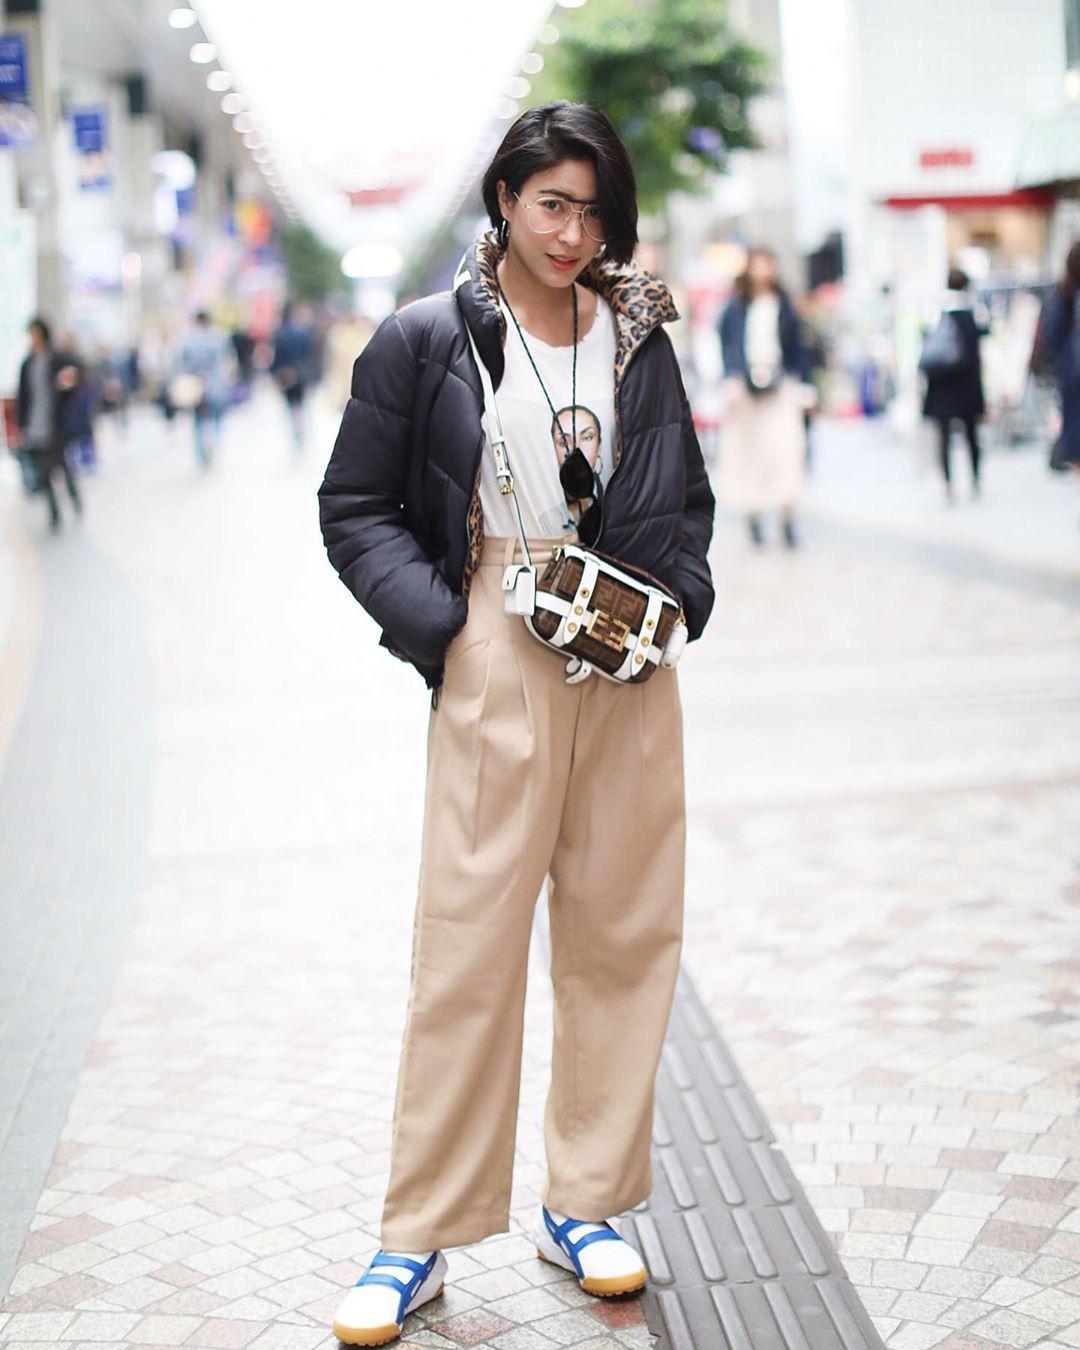 Chiêm ngưỡng những set đồ Đông chất lừ của bà xã 'dượng Chat', chị em sẽ mong trời lạnh thật nhanh để mặc mốt như cô ấy - Ảnh 5